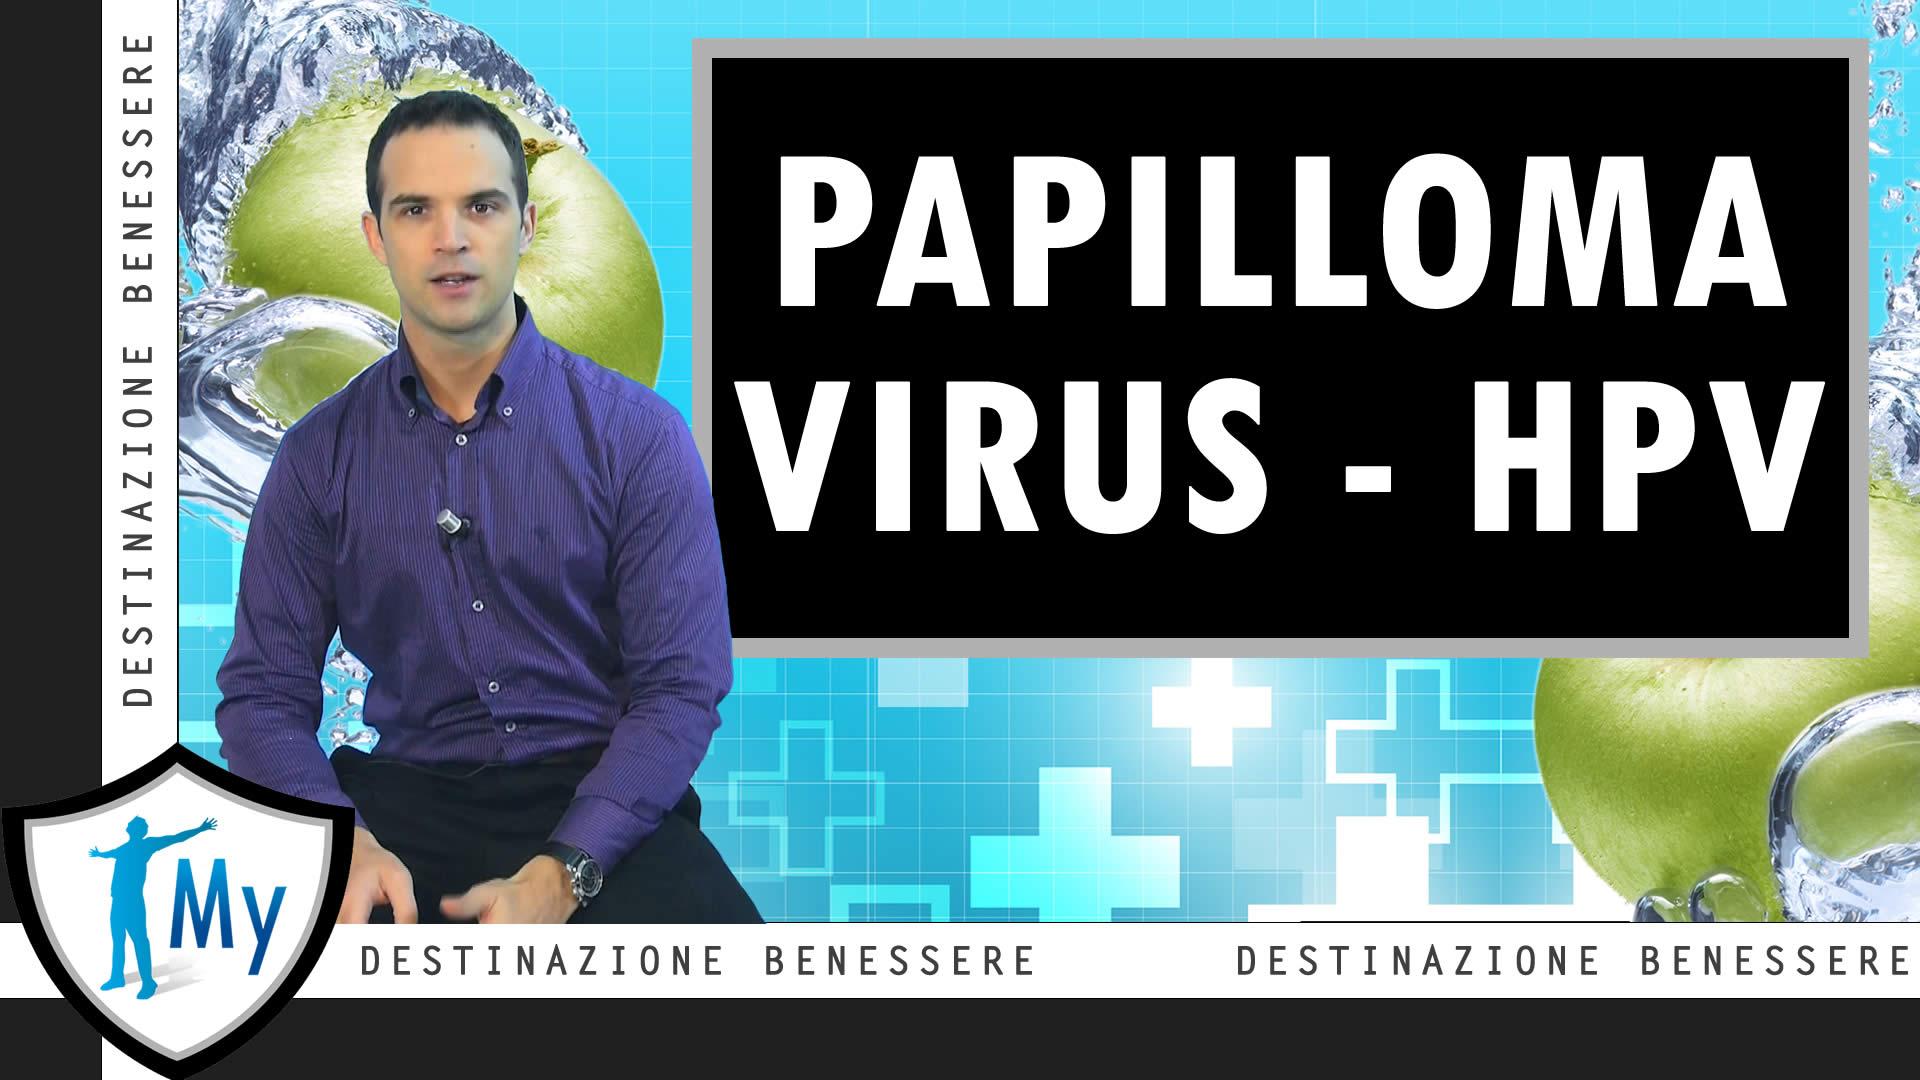 papilloma virus contagio senza rapporti